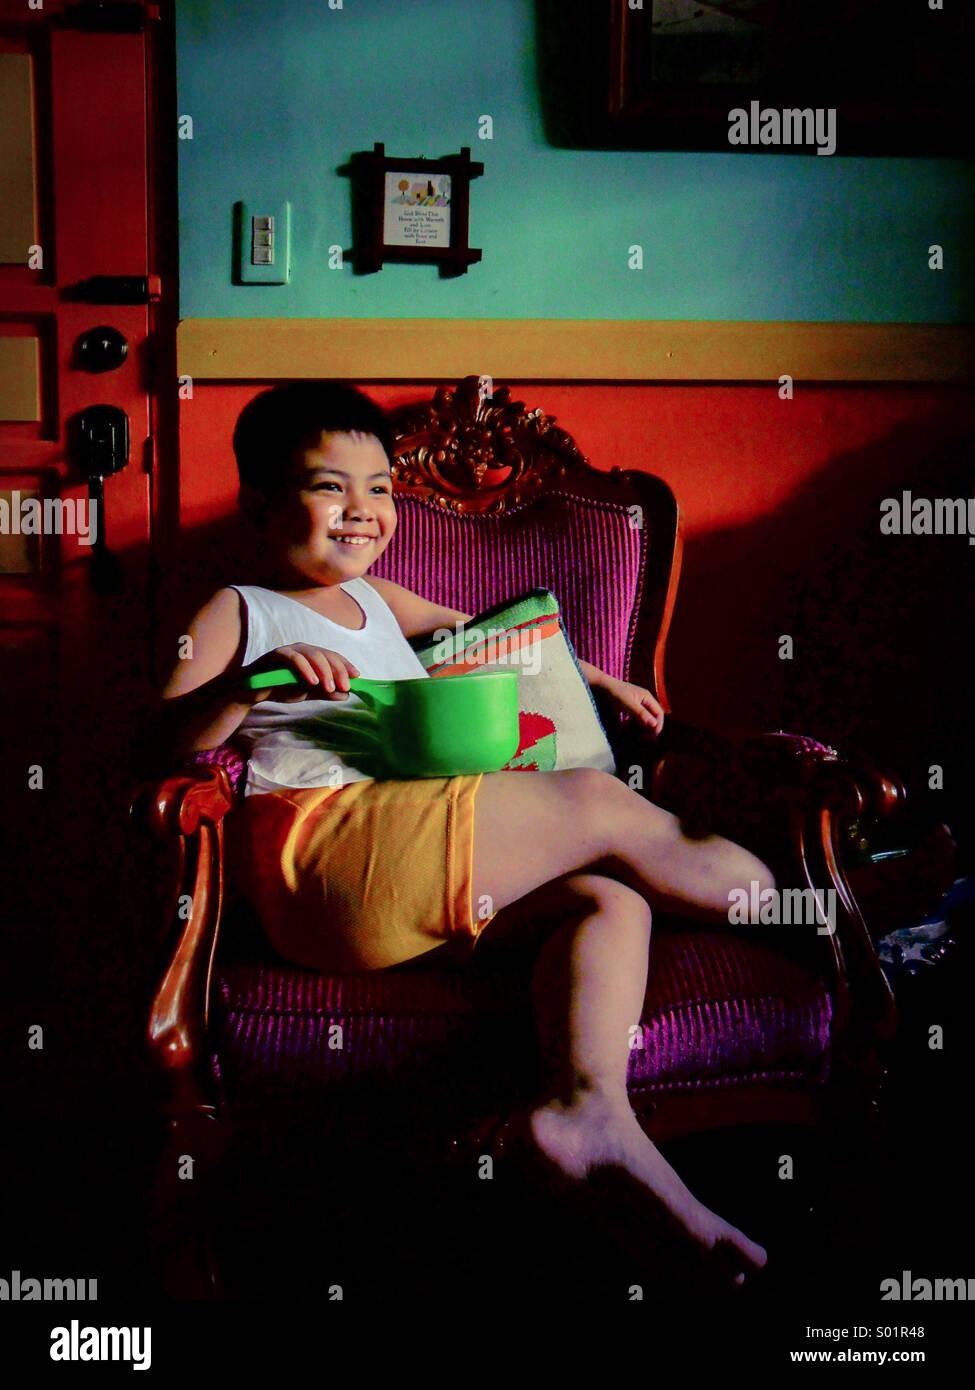 Asiatische junge sitzen auf einem Stuhl Stockfoto